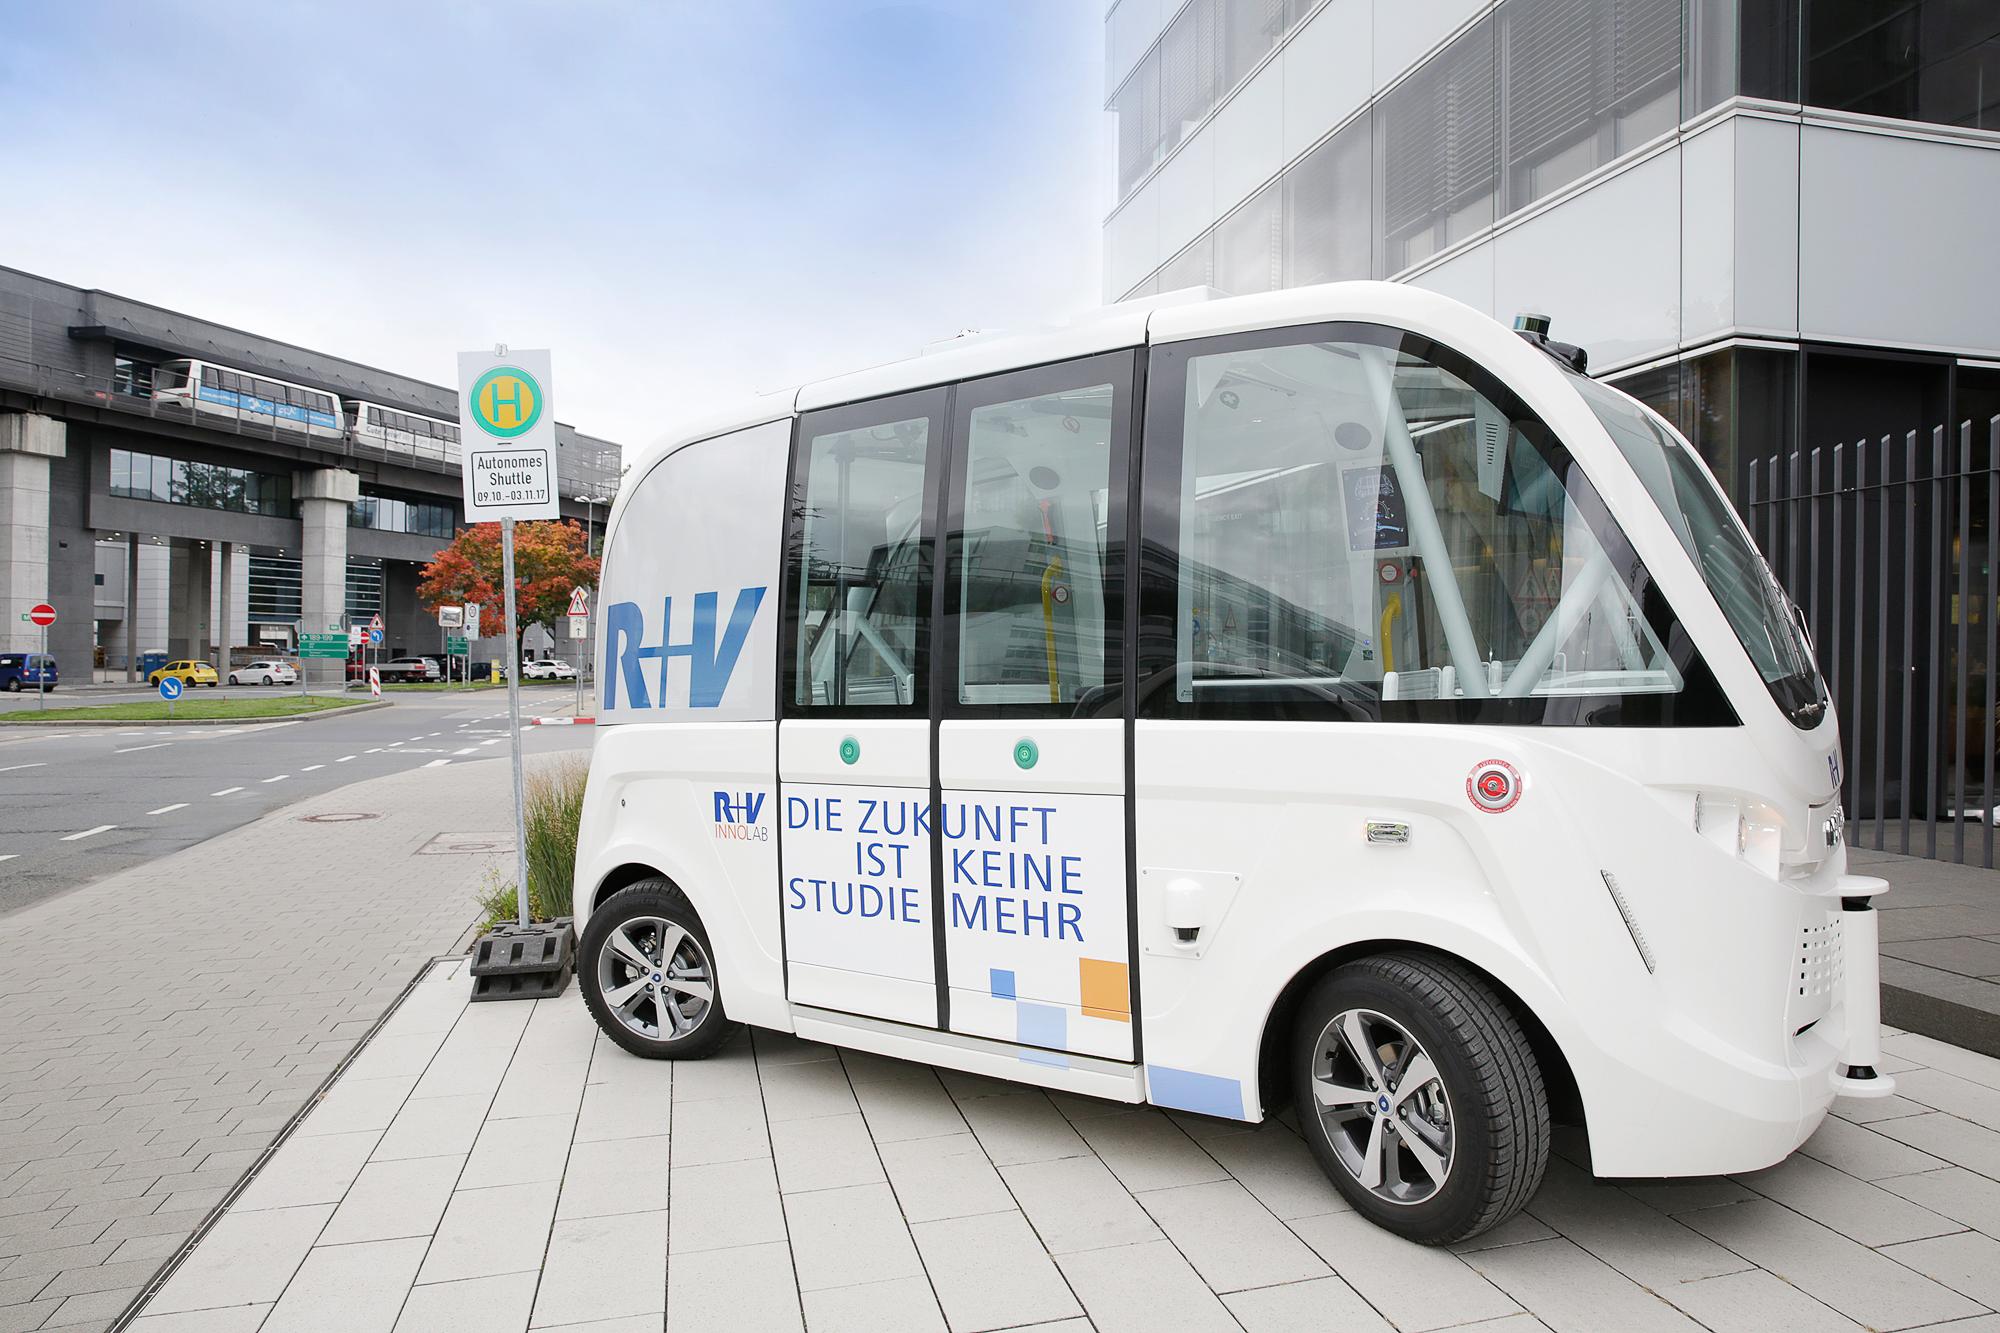 die r v spielt bereits heute die zukunftsmusik hochautomatisierter elektro kleinbus in. Black Bedroom Furniture Sets. Home Design Ideas